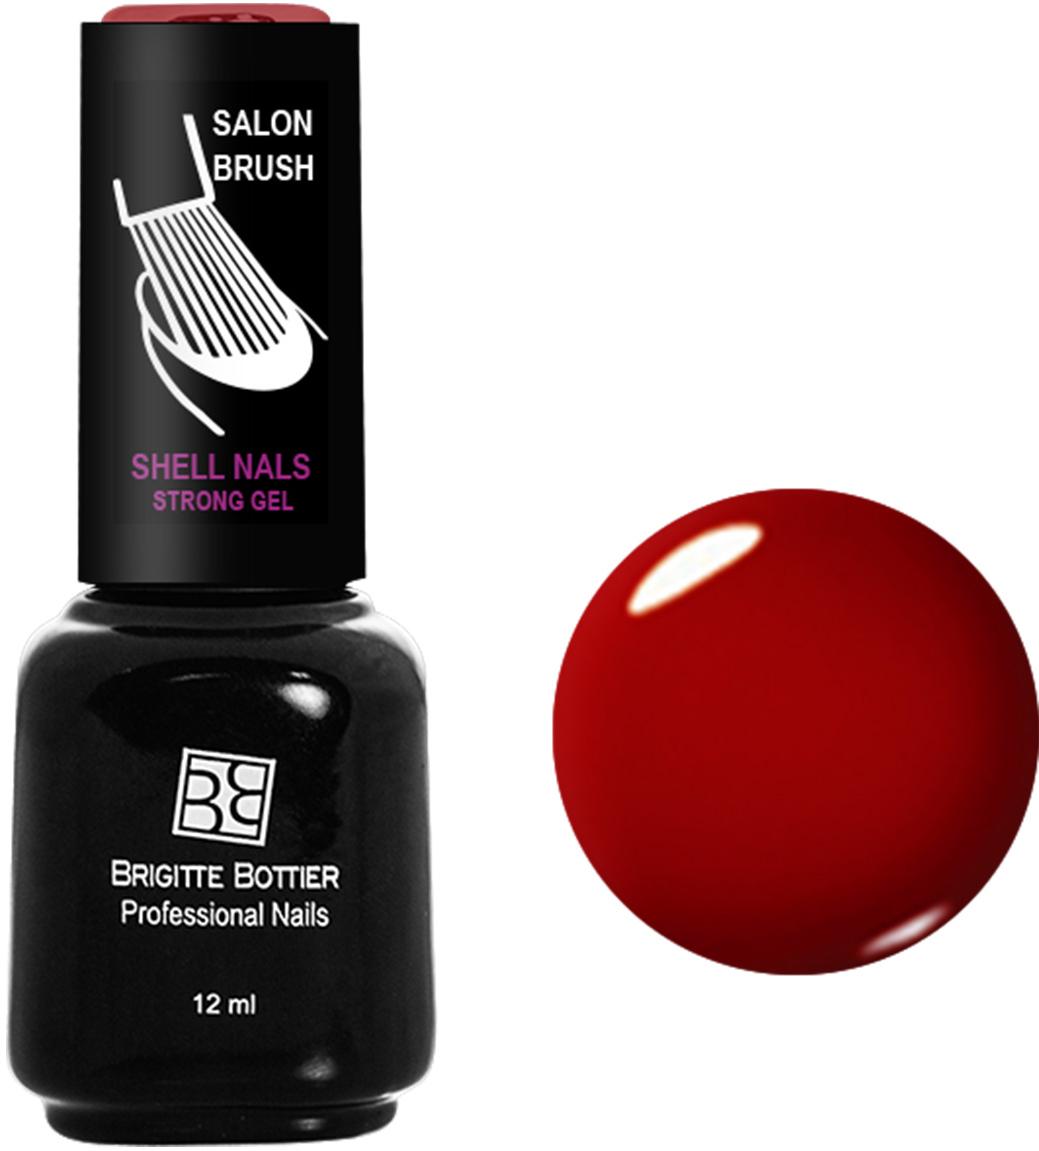 Brigitte Bottier лак для ногтей гелевый Shell Nails тон 906 красный рубин, 12 млBB-SN 906Покрытие Shell Nails соединяет лучшие качества геля и лака: быстро и ровно наносится, прекрасно выглядит, совершенно не боится повреждений, снимается без малейшего вреда для ногтевых пластин. Стойкое покрытие Shell Nails имеет классический блеск, насыщенный цвет и отличается невероятной прочностью.